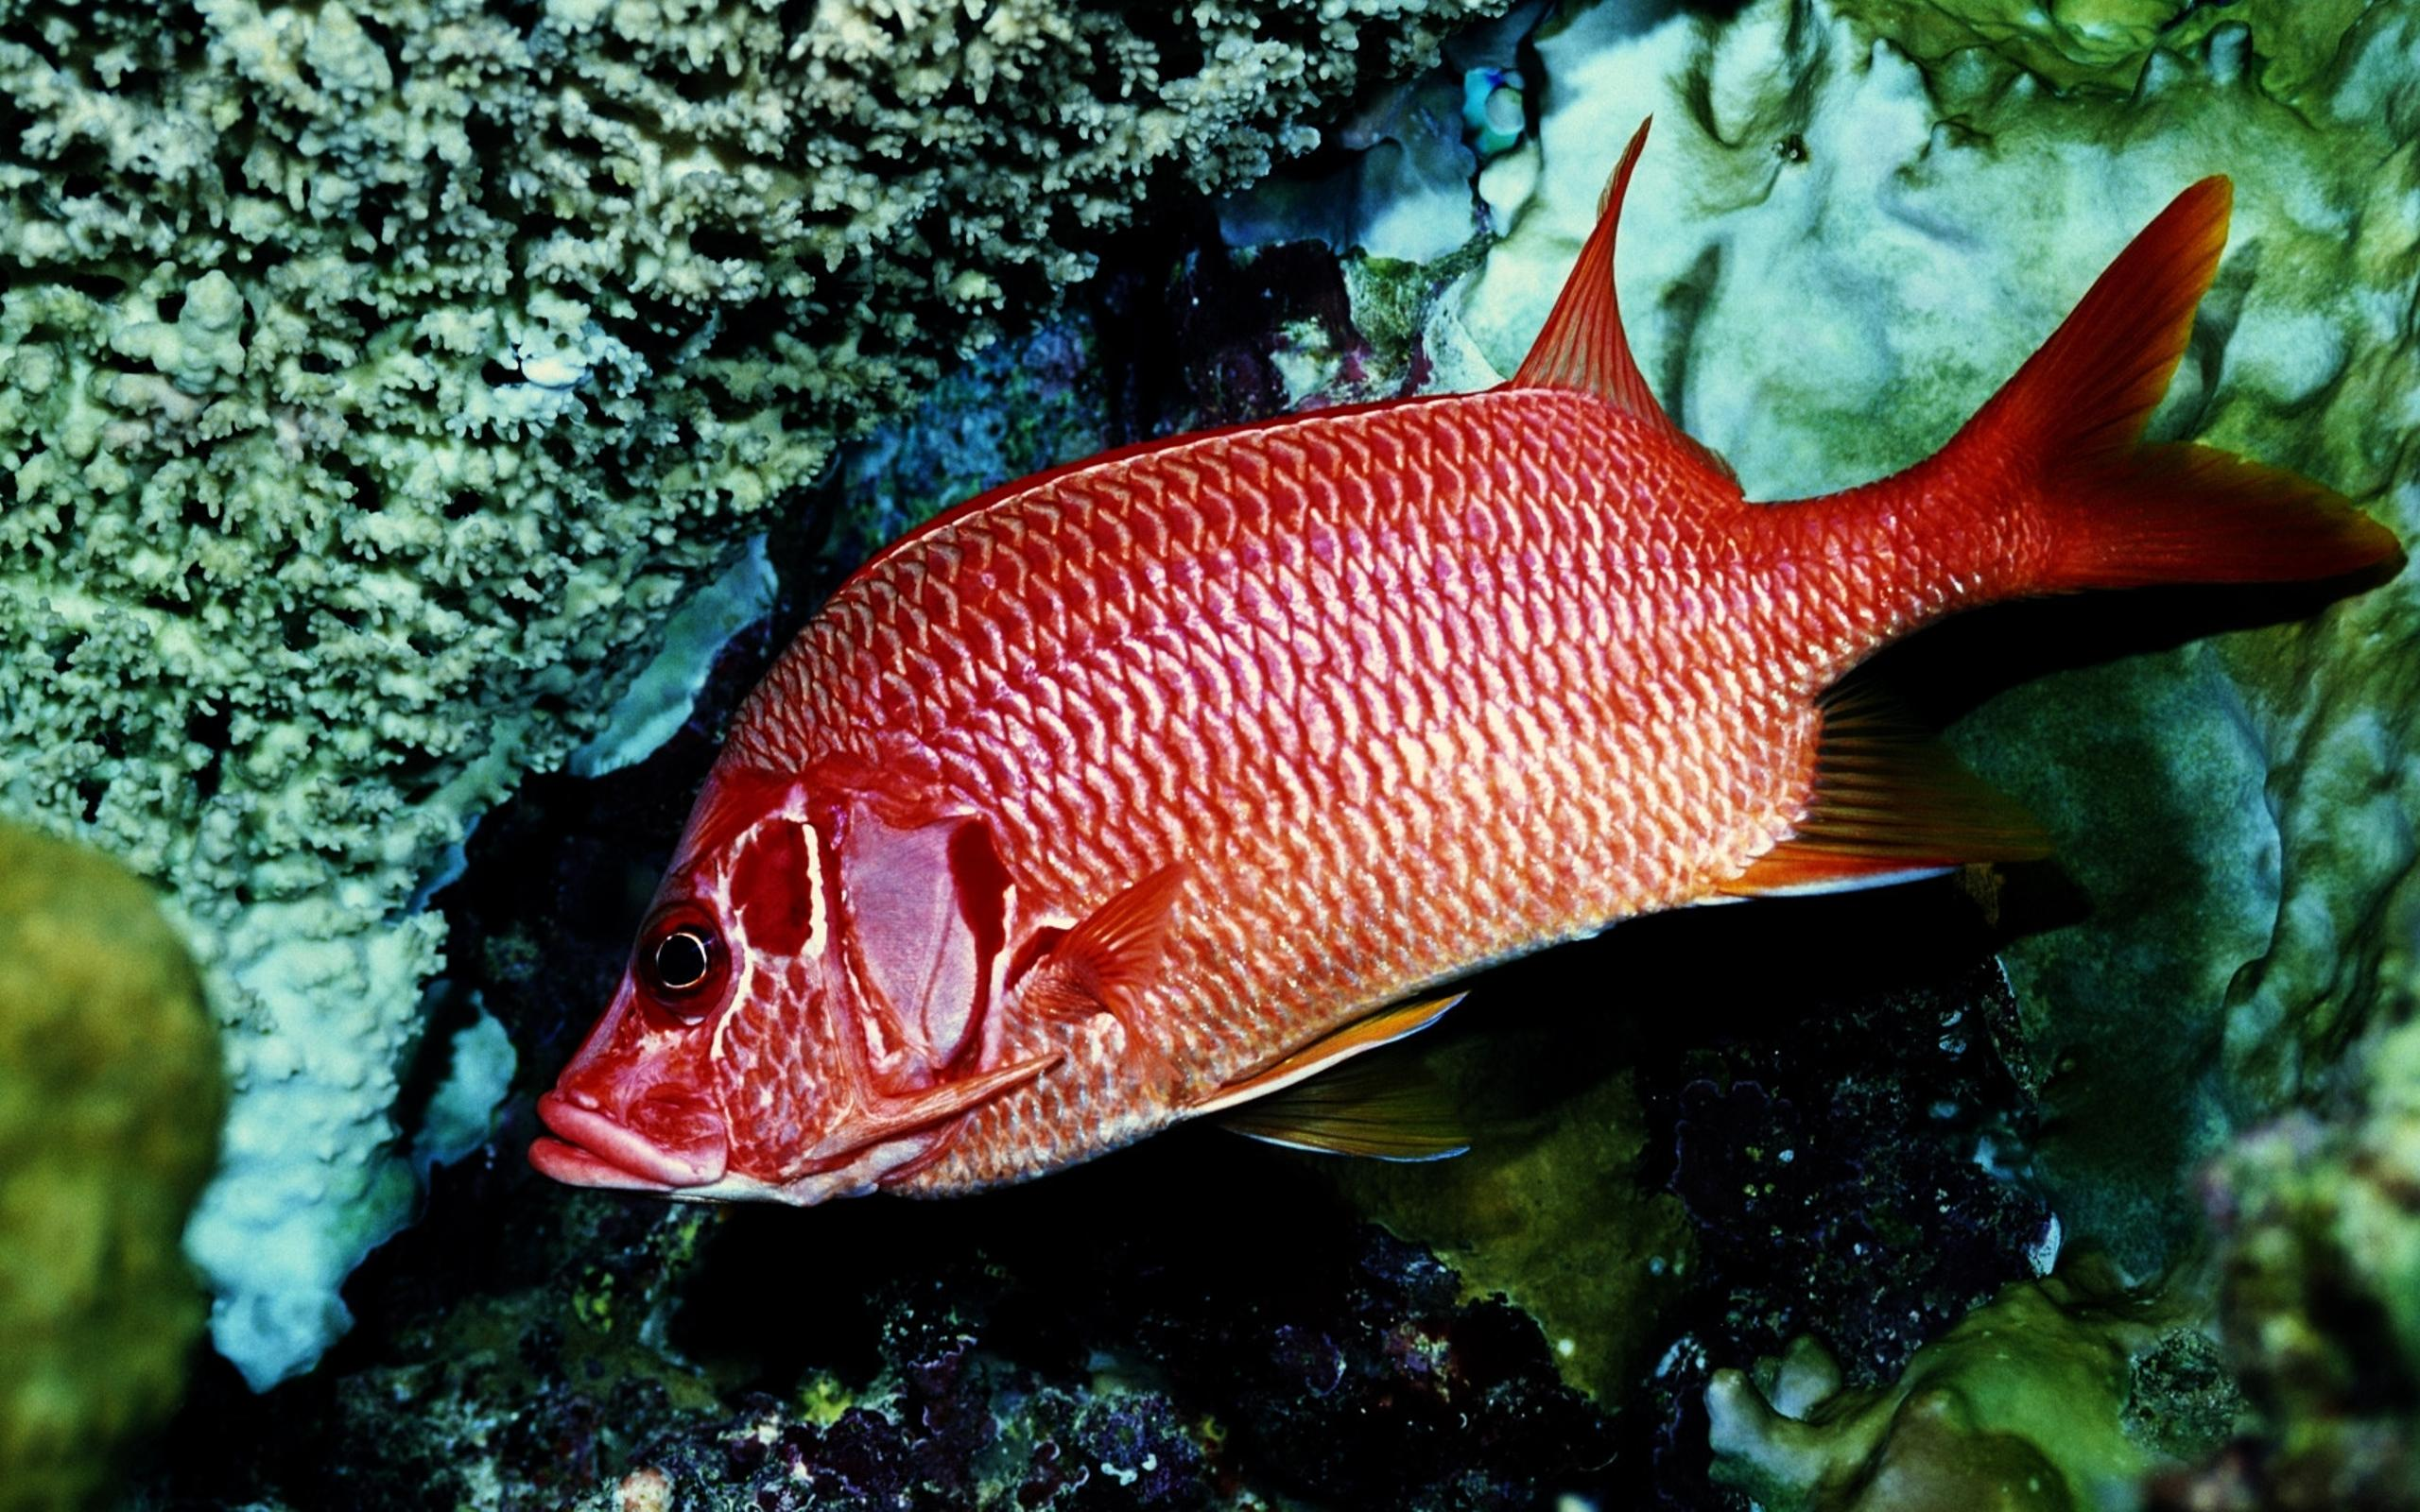 Beautiful red fish wallpaper - Interesting fish Wallpaper Download ...